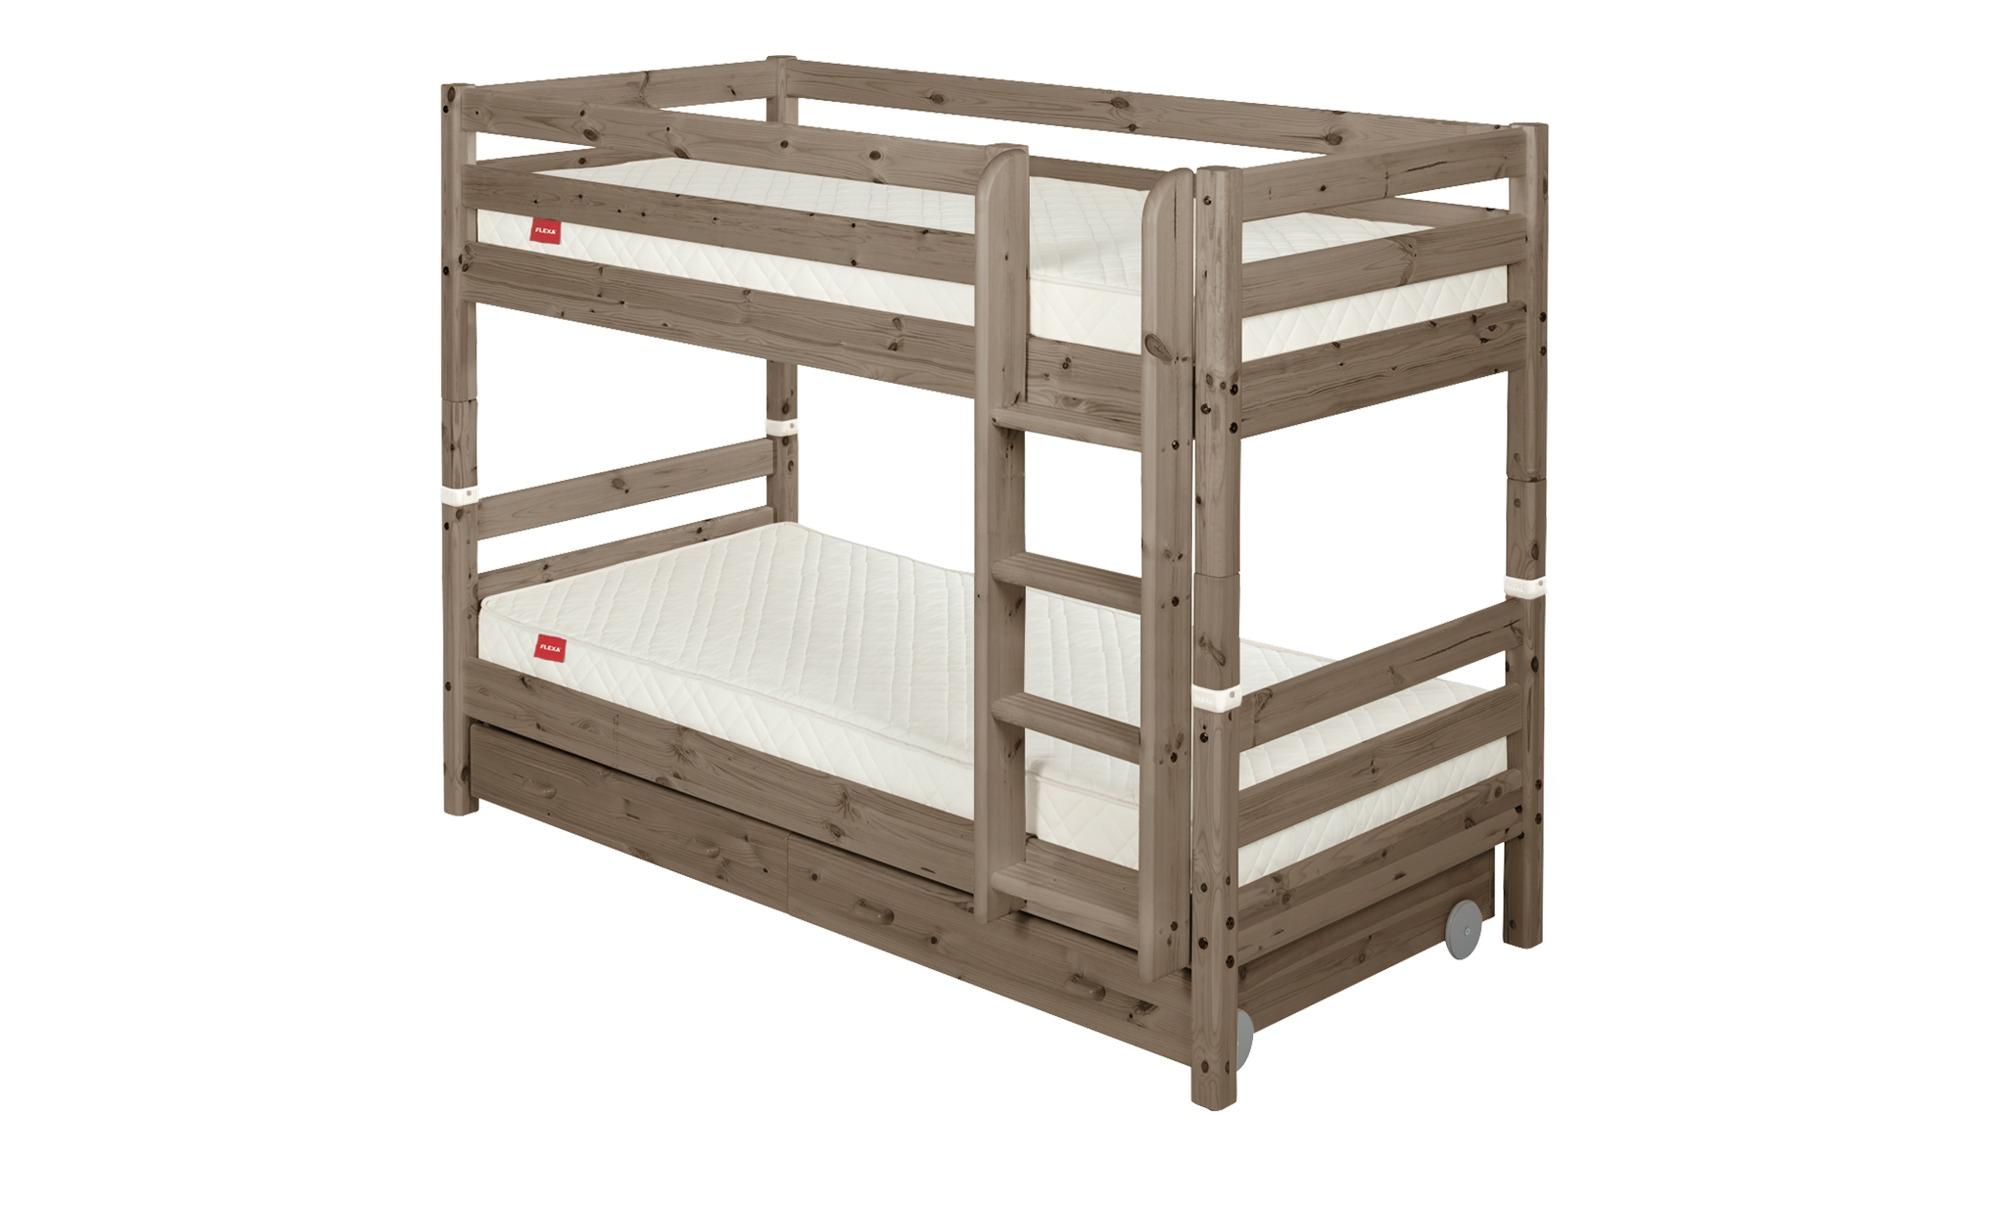 flexa etagenbett mit 2 schubladen flexa classic breite 110 cm h he 154 cm holzfarben online. Black Bedroom Furniture Sets. Home Design Ideas